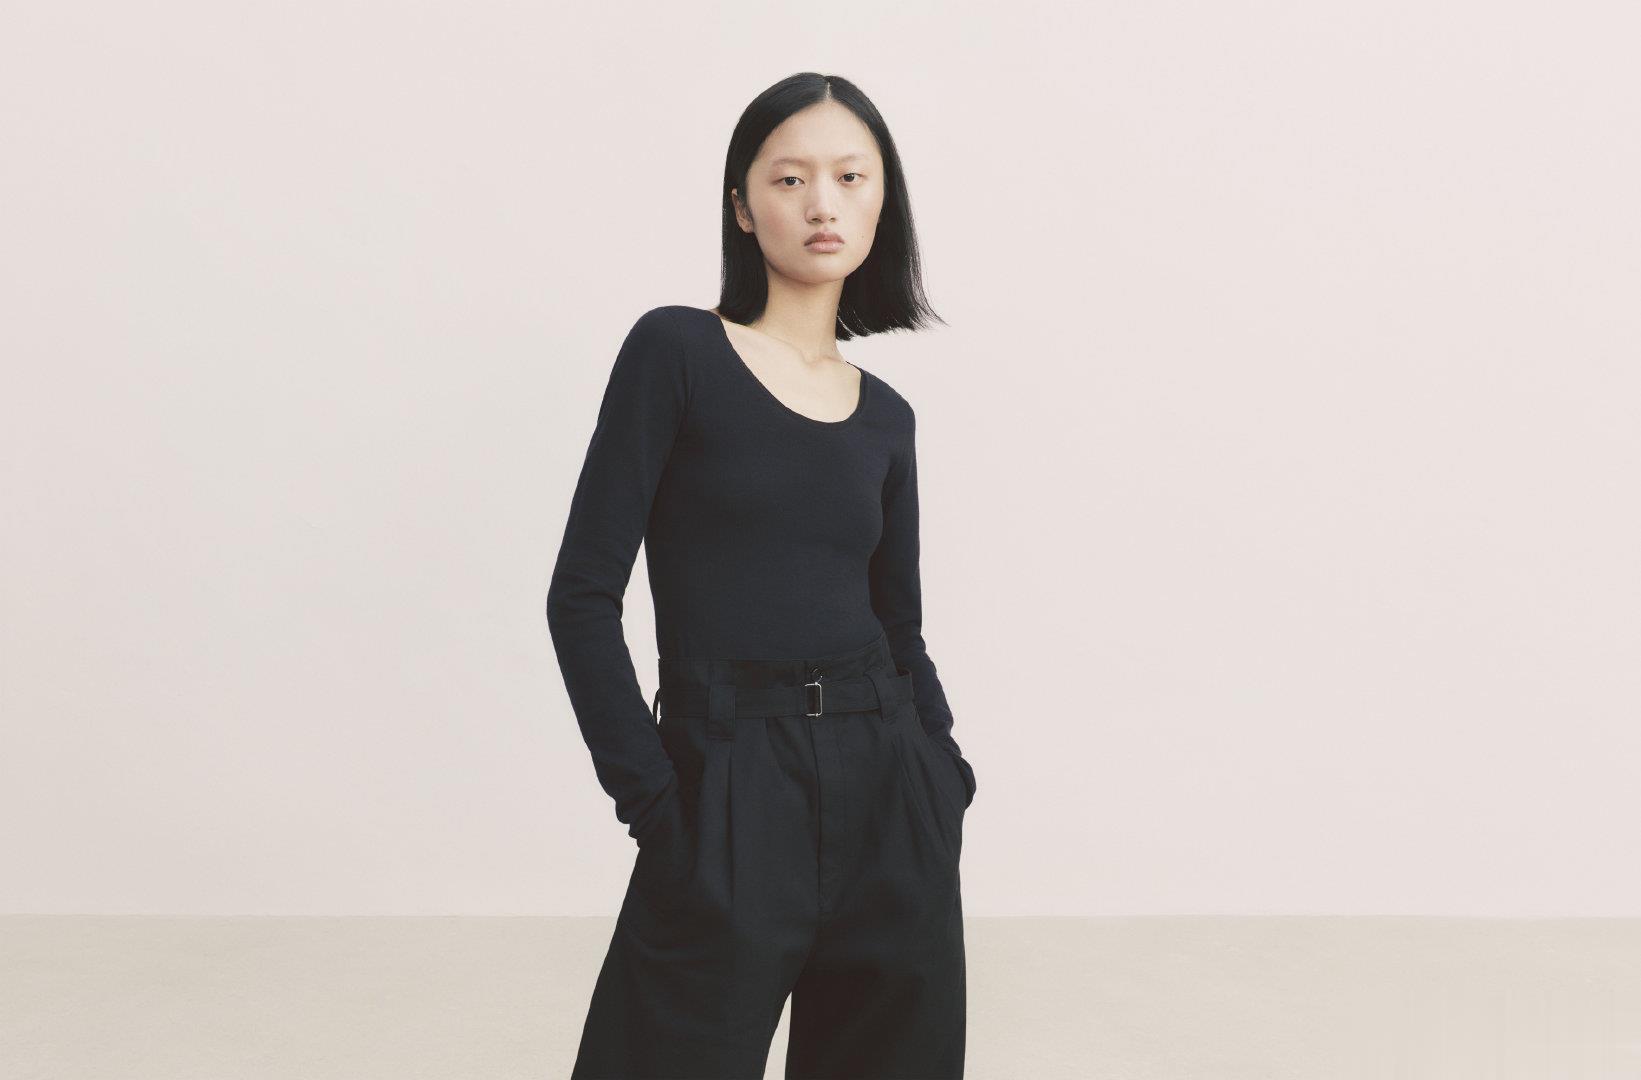 华依澜演绎UNIQLO U系列广告,简单的黑与白,简约而时髦。